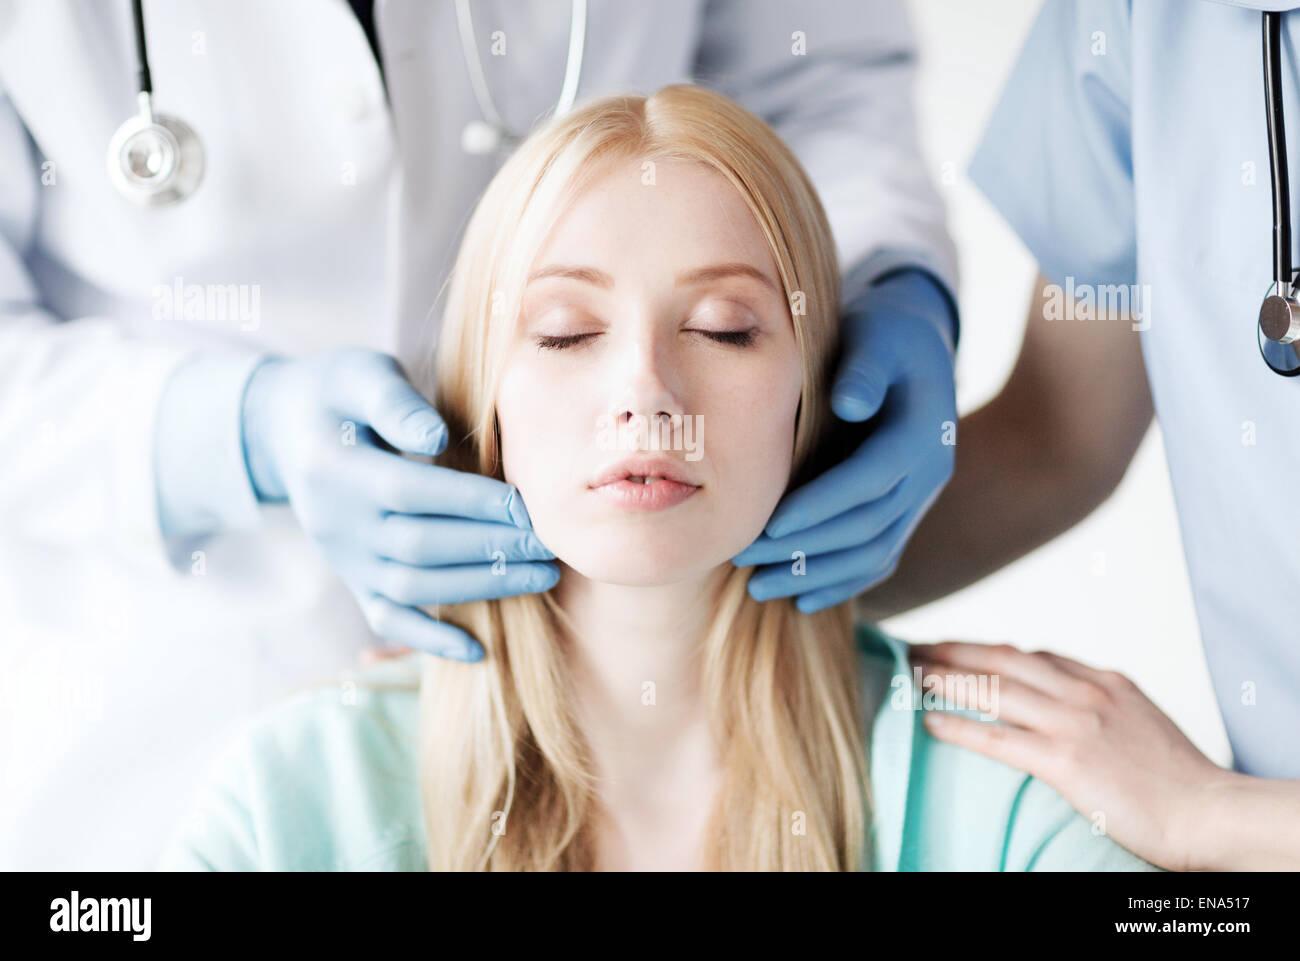 Médecin ou chirurgien plastique avec patient Photo Stock